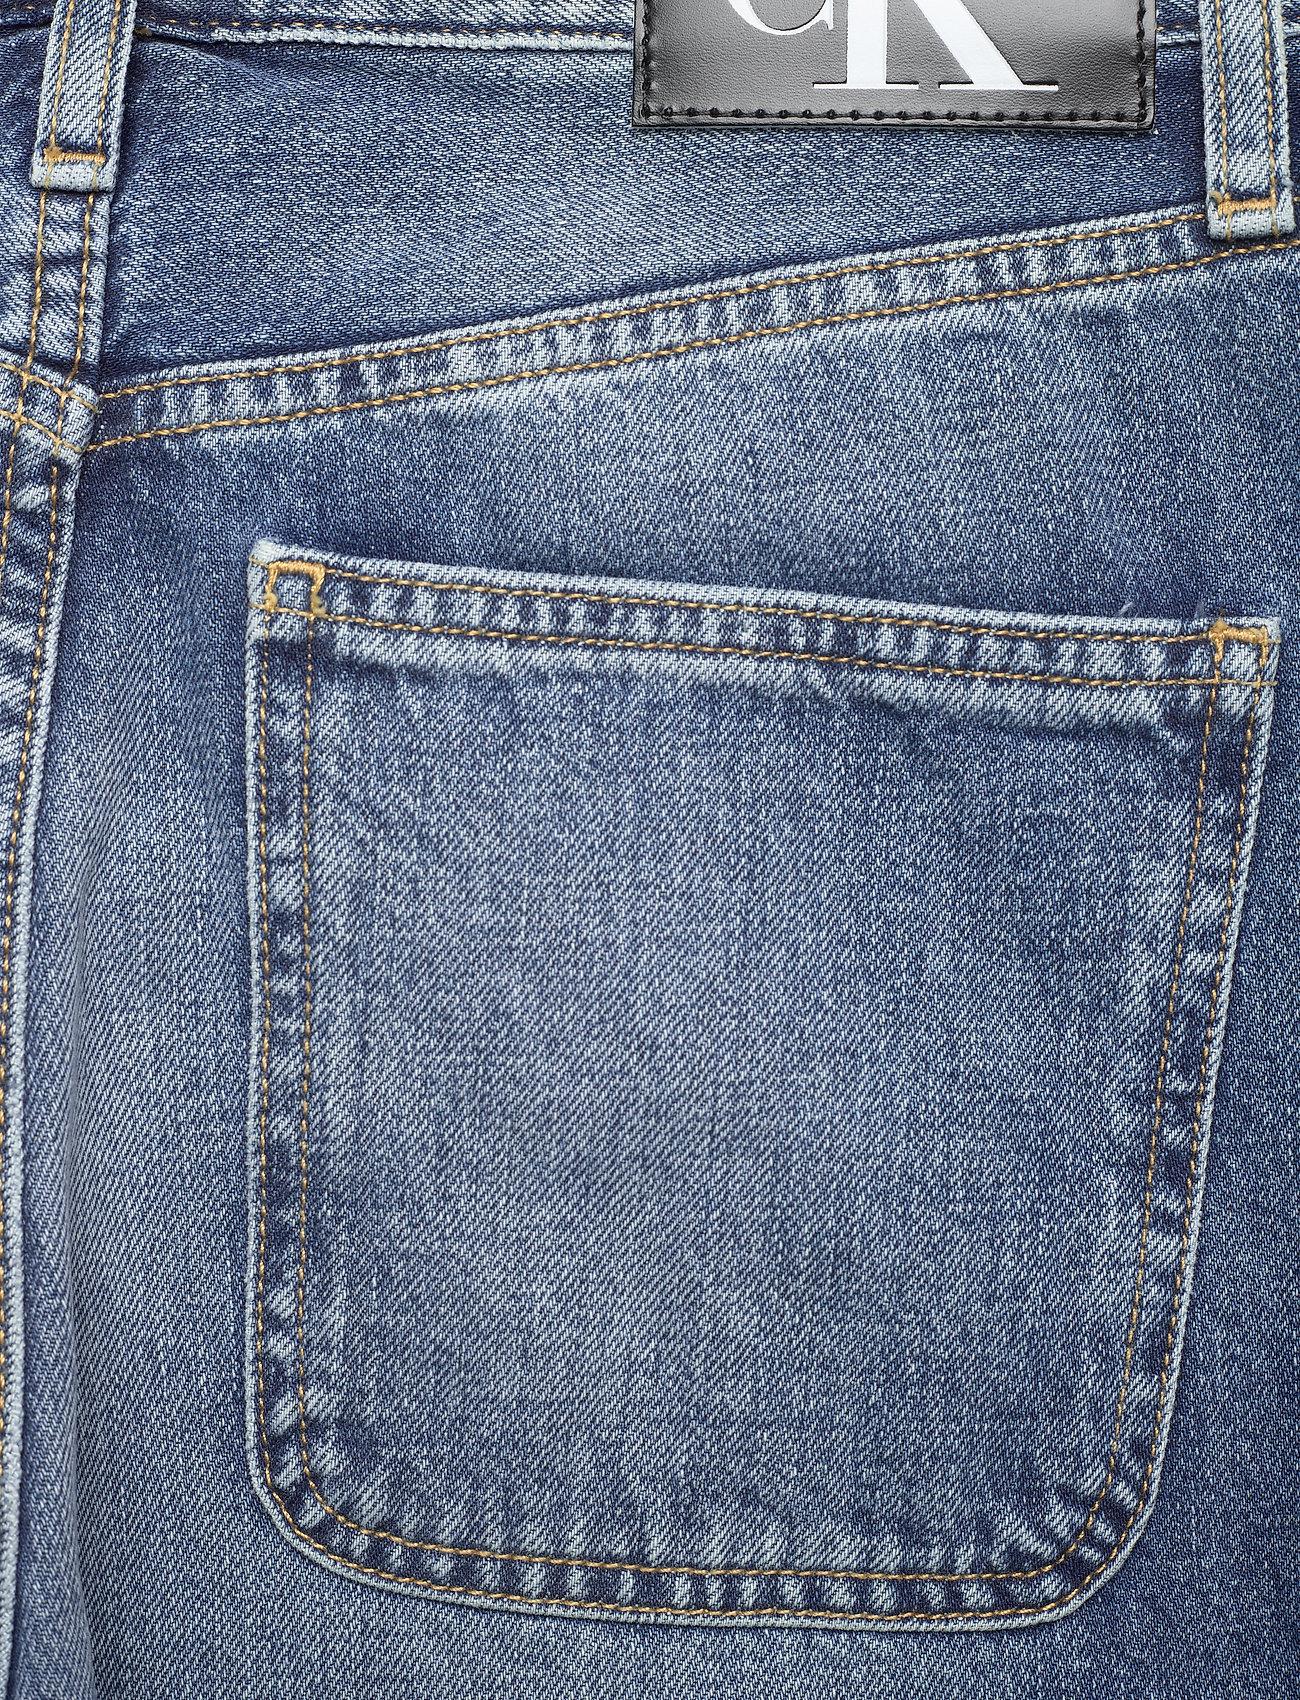 Calvin Klein Jeans - CKJ 030 HIGH RISE STRAIGHT ANKLE - straight regular - bb047 - icn light blue utility - 4